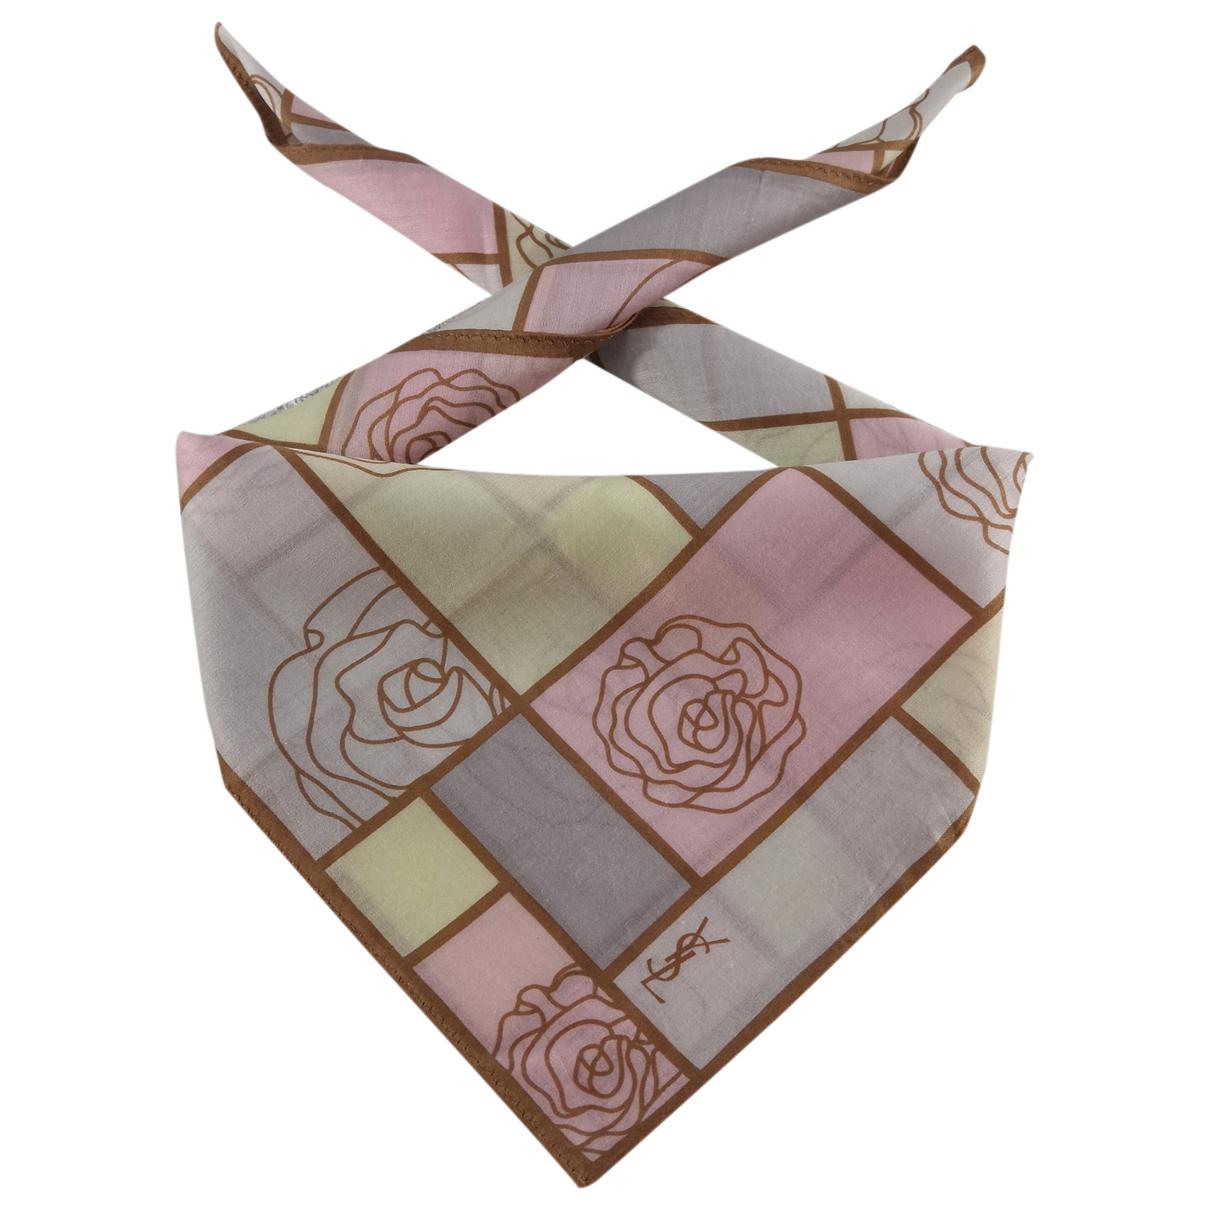 Yves Saint Laurent - Foulard   pour femme en soie